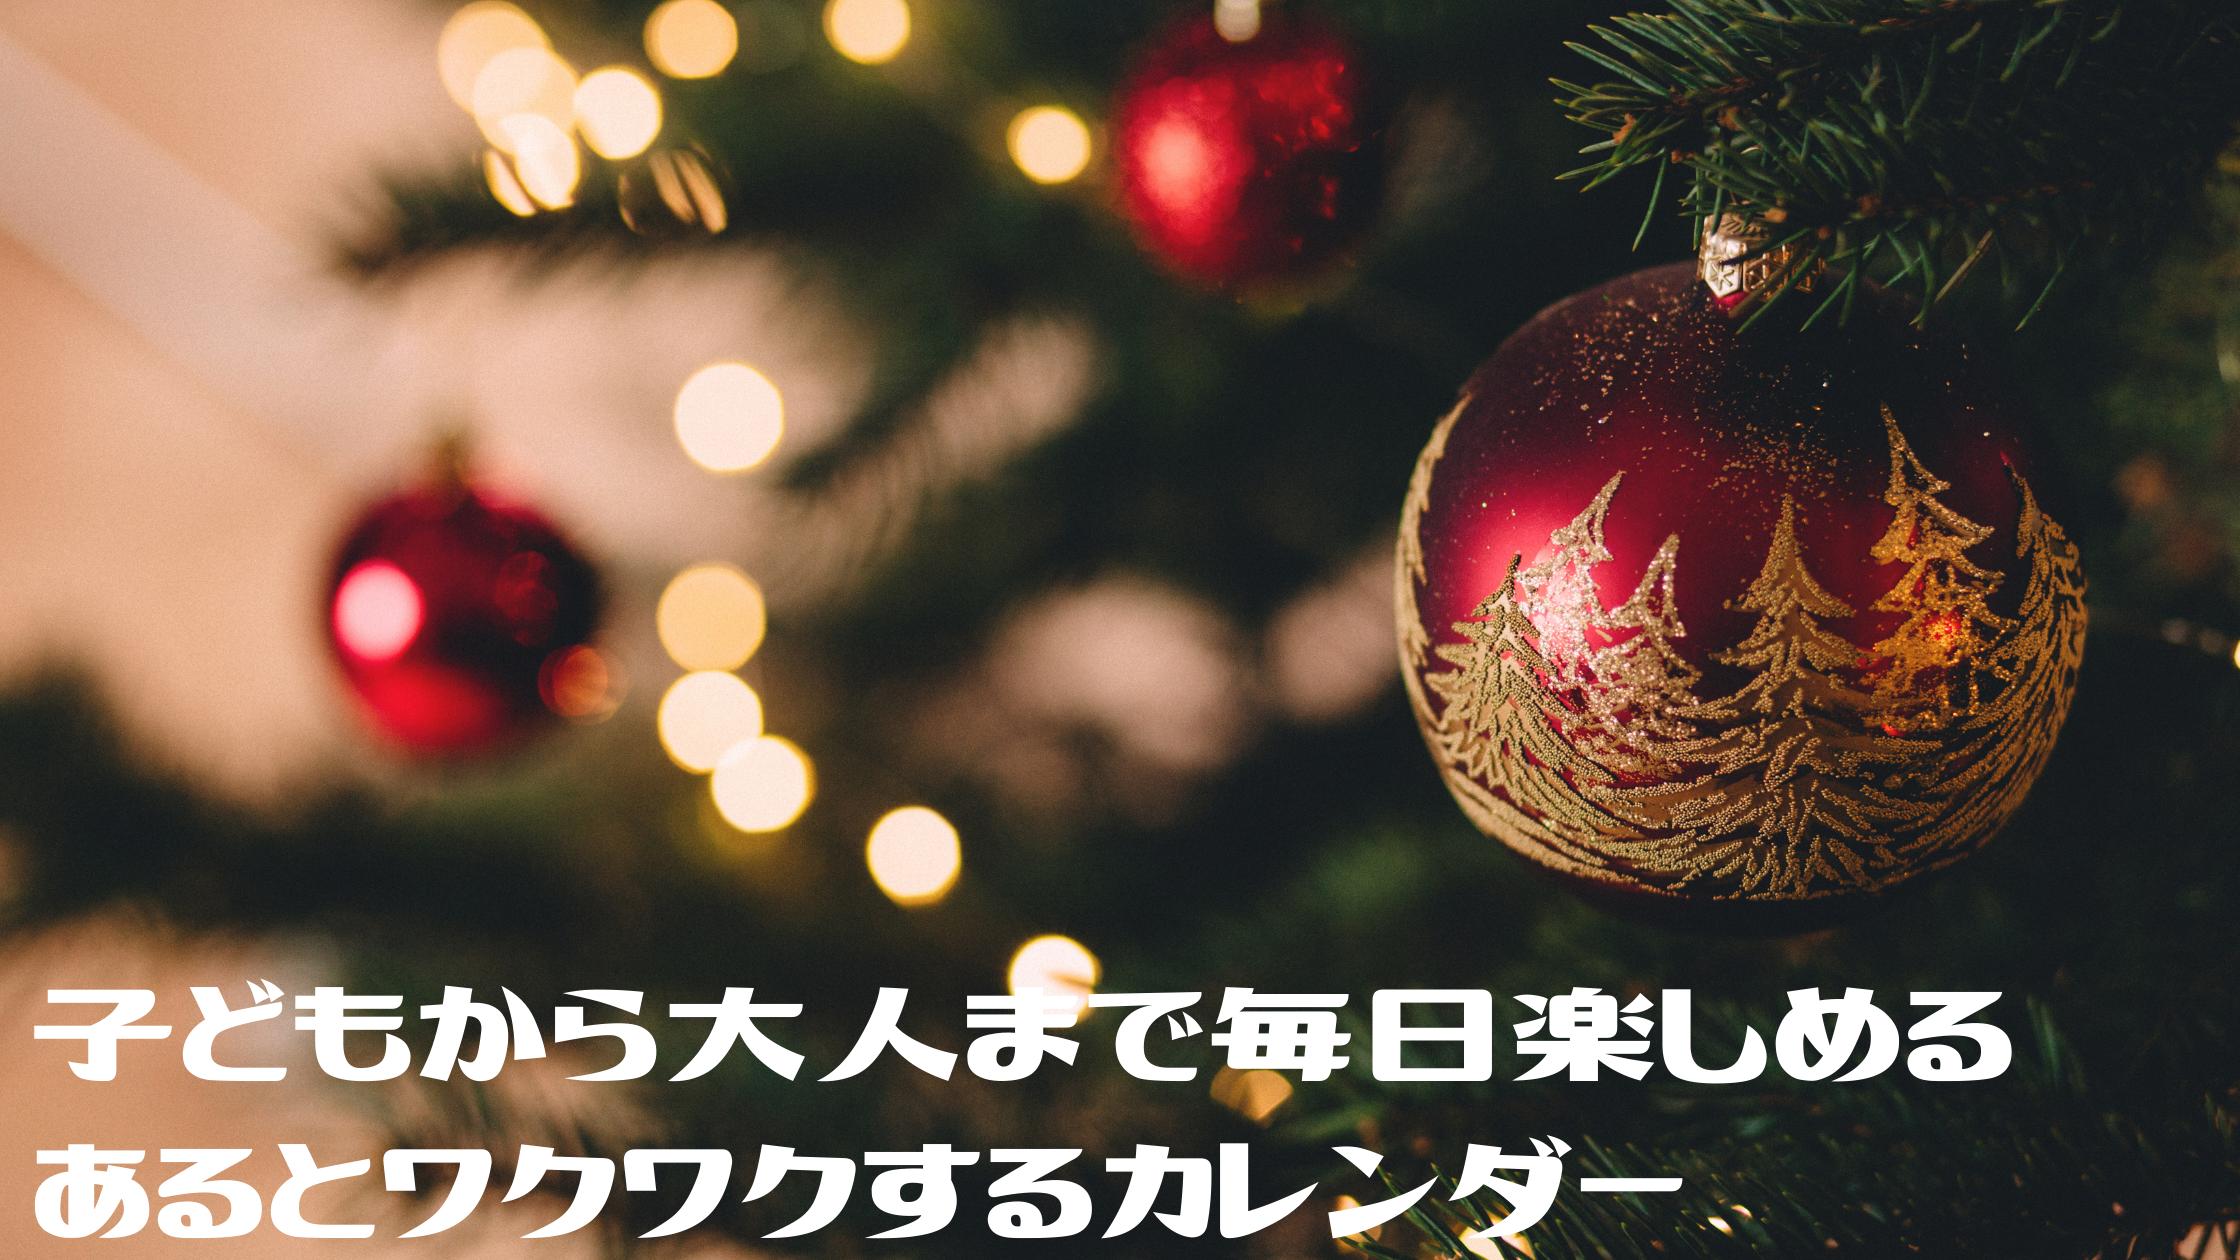 【めざましテレビ】クリスマスまで楽しめる『お菓子・ビール・紅茶』のアドベントカレンダー